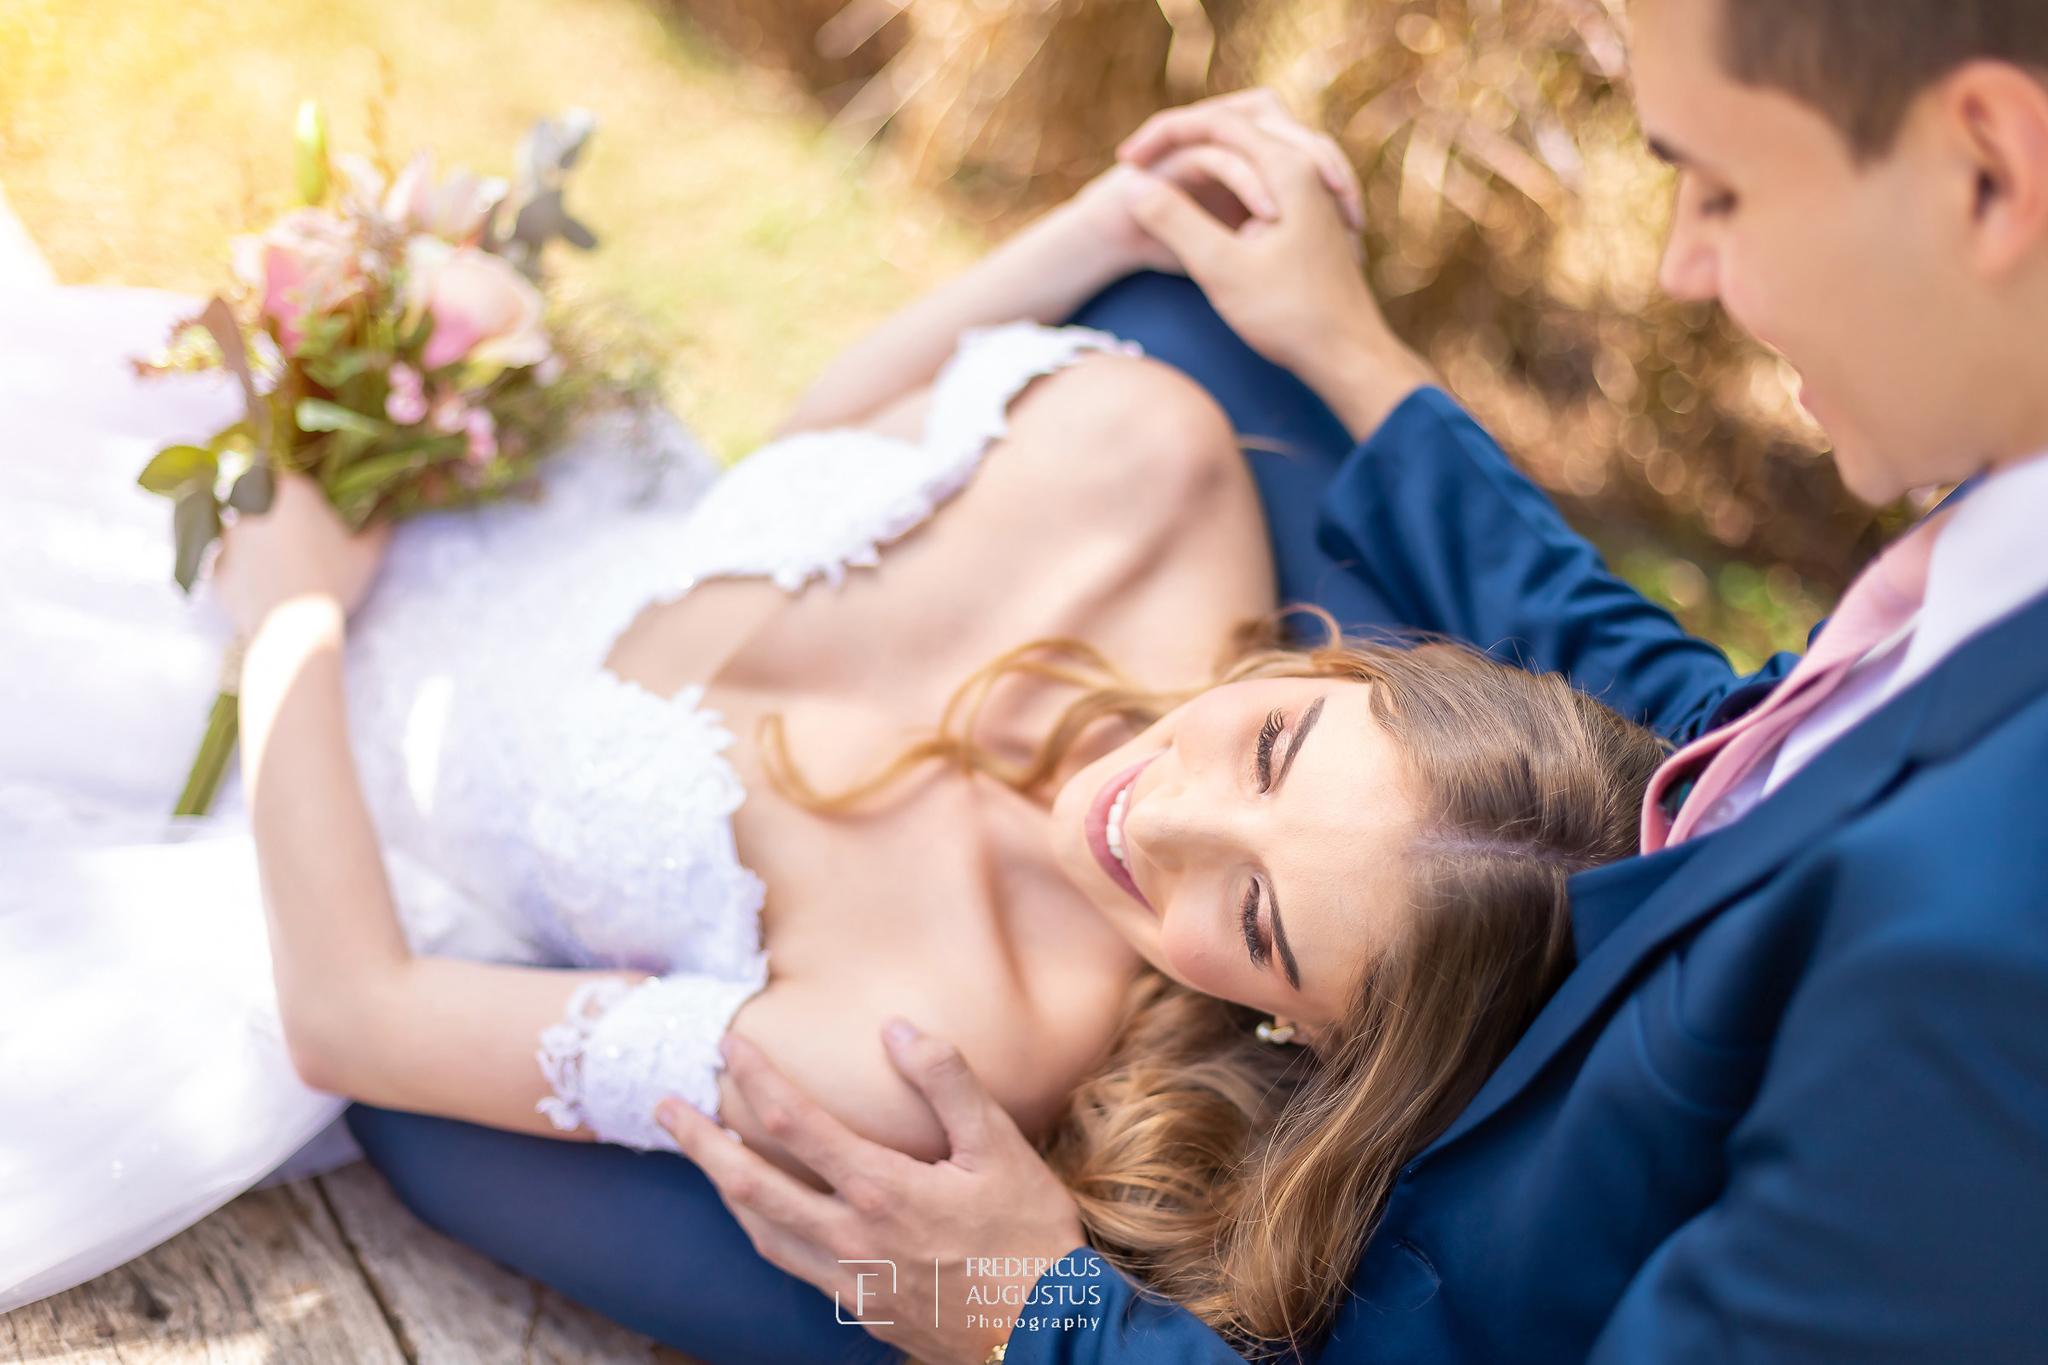 O fotógrafo Fredericus Augustus em editorial para noivas se inspirar de fotografia com espontaneidade dos noivos bem à vontade